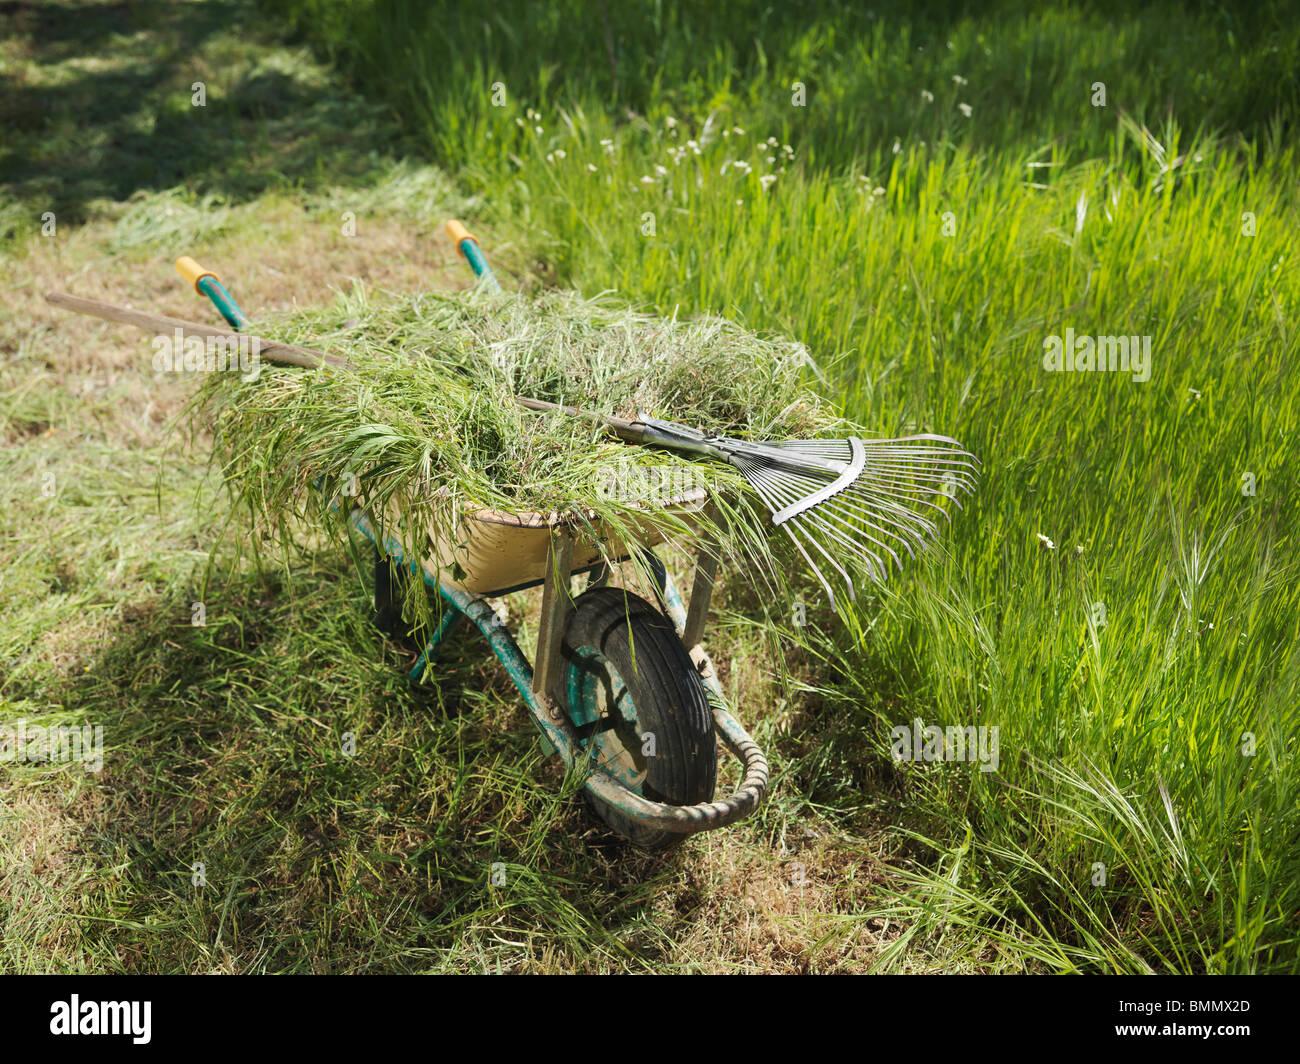 Wheelbarrow full of hay and rake - Stock Image